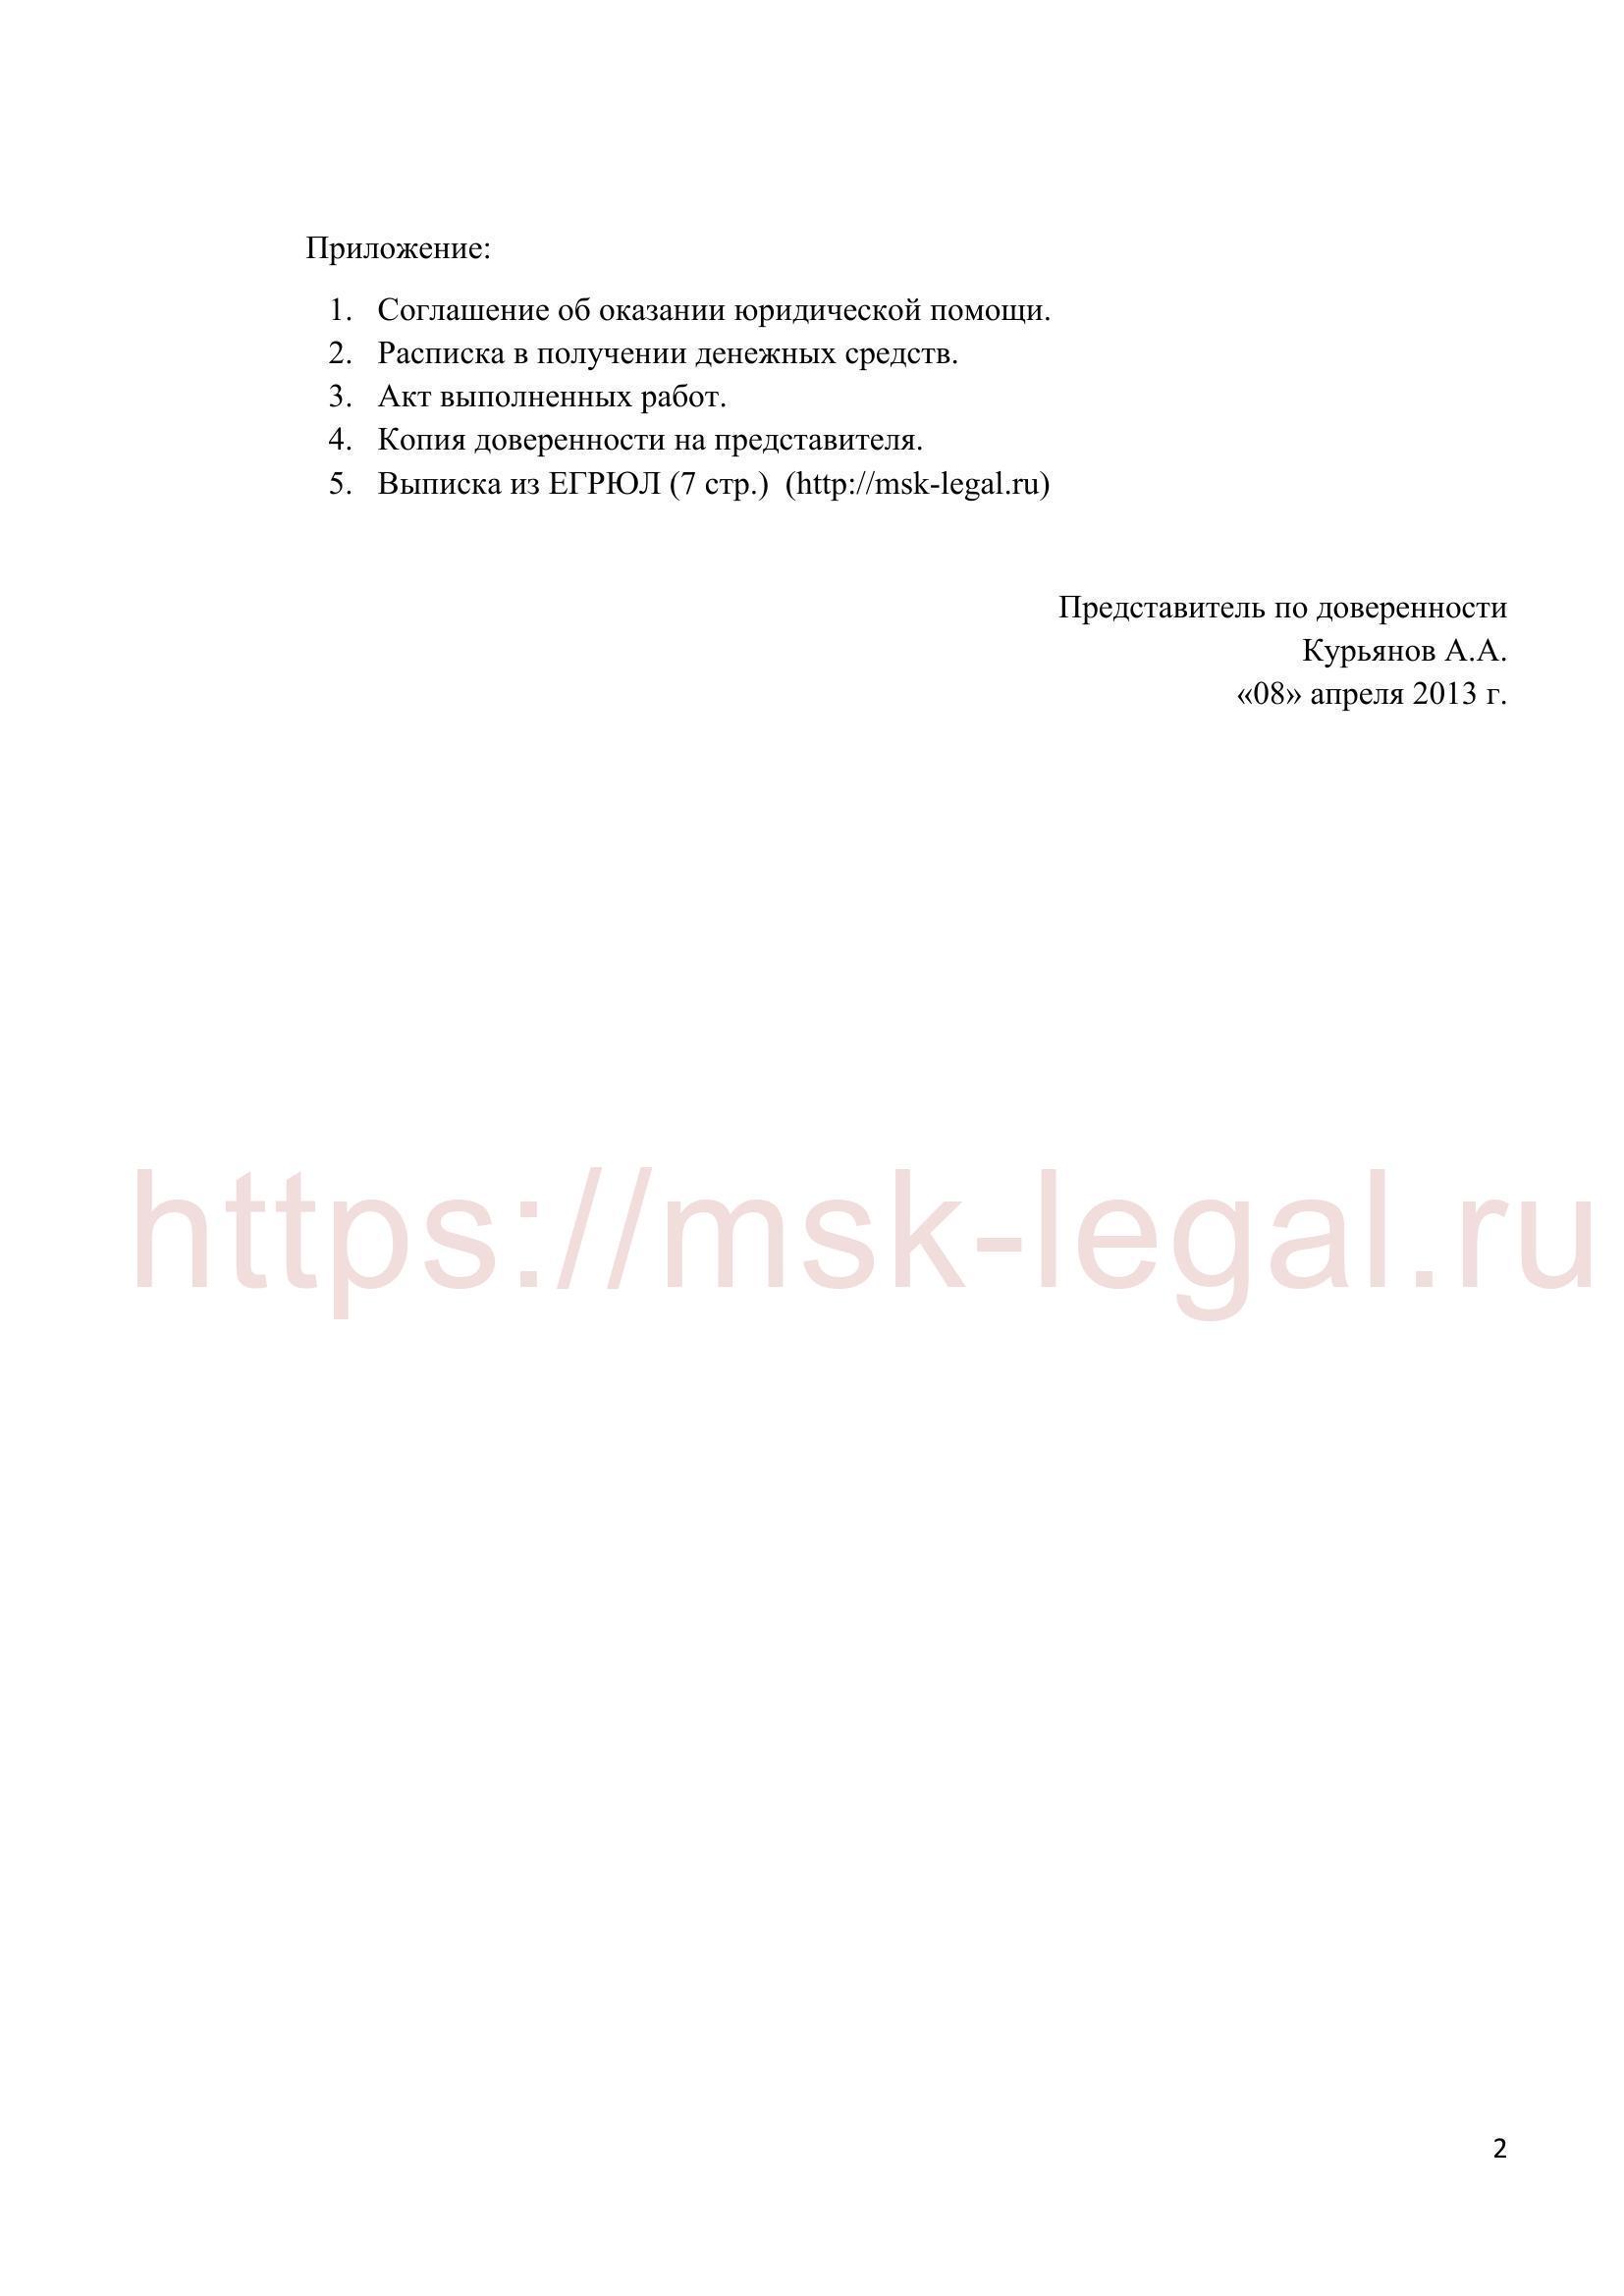 Заявление о взыскании расходов на представителя